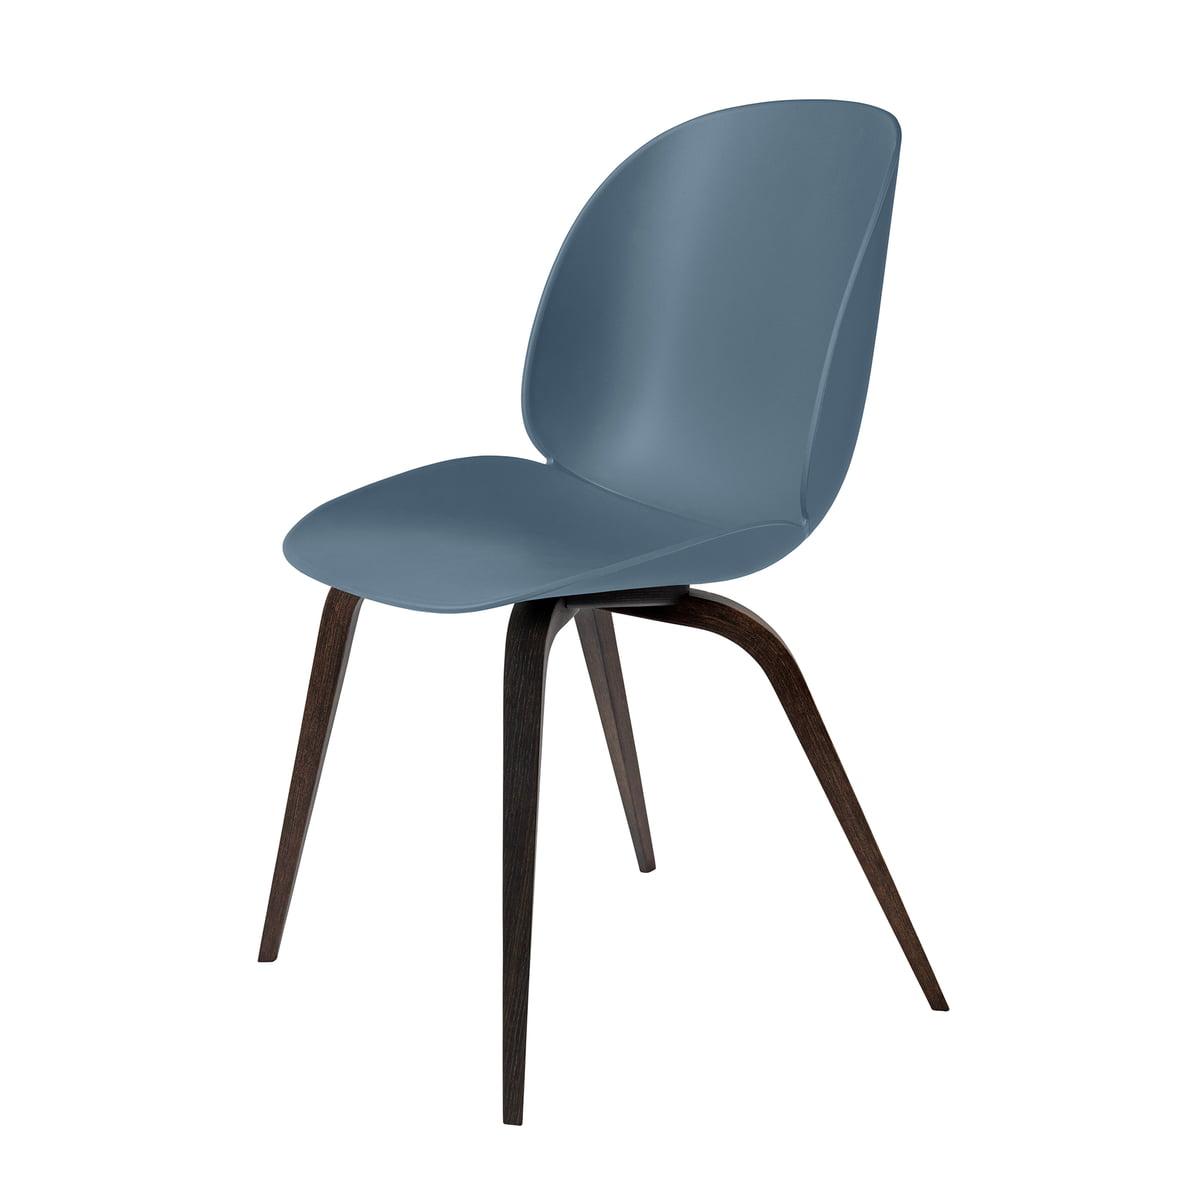 Gubi - Beetle Dining Chair, Wood Base, Eiche geräuchert / blaugrau   Küche und Esszimmer > Stühle und Hocker   Blaugrau   Gubi